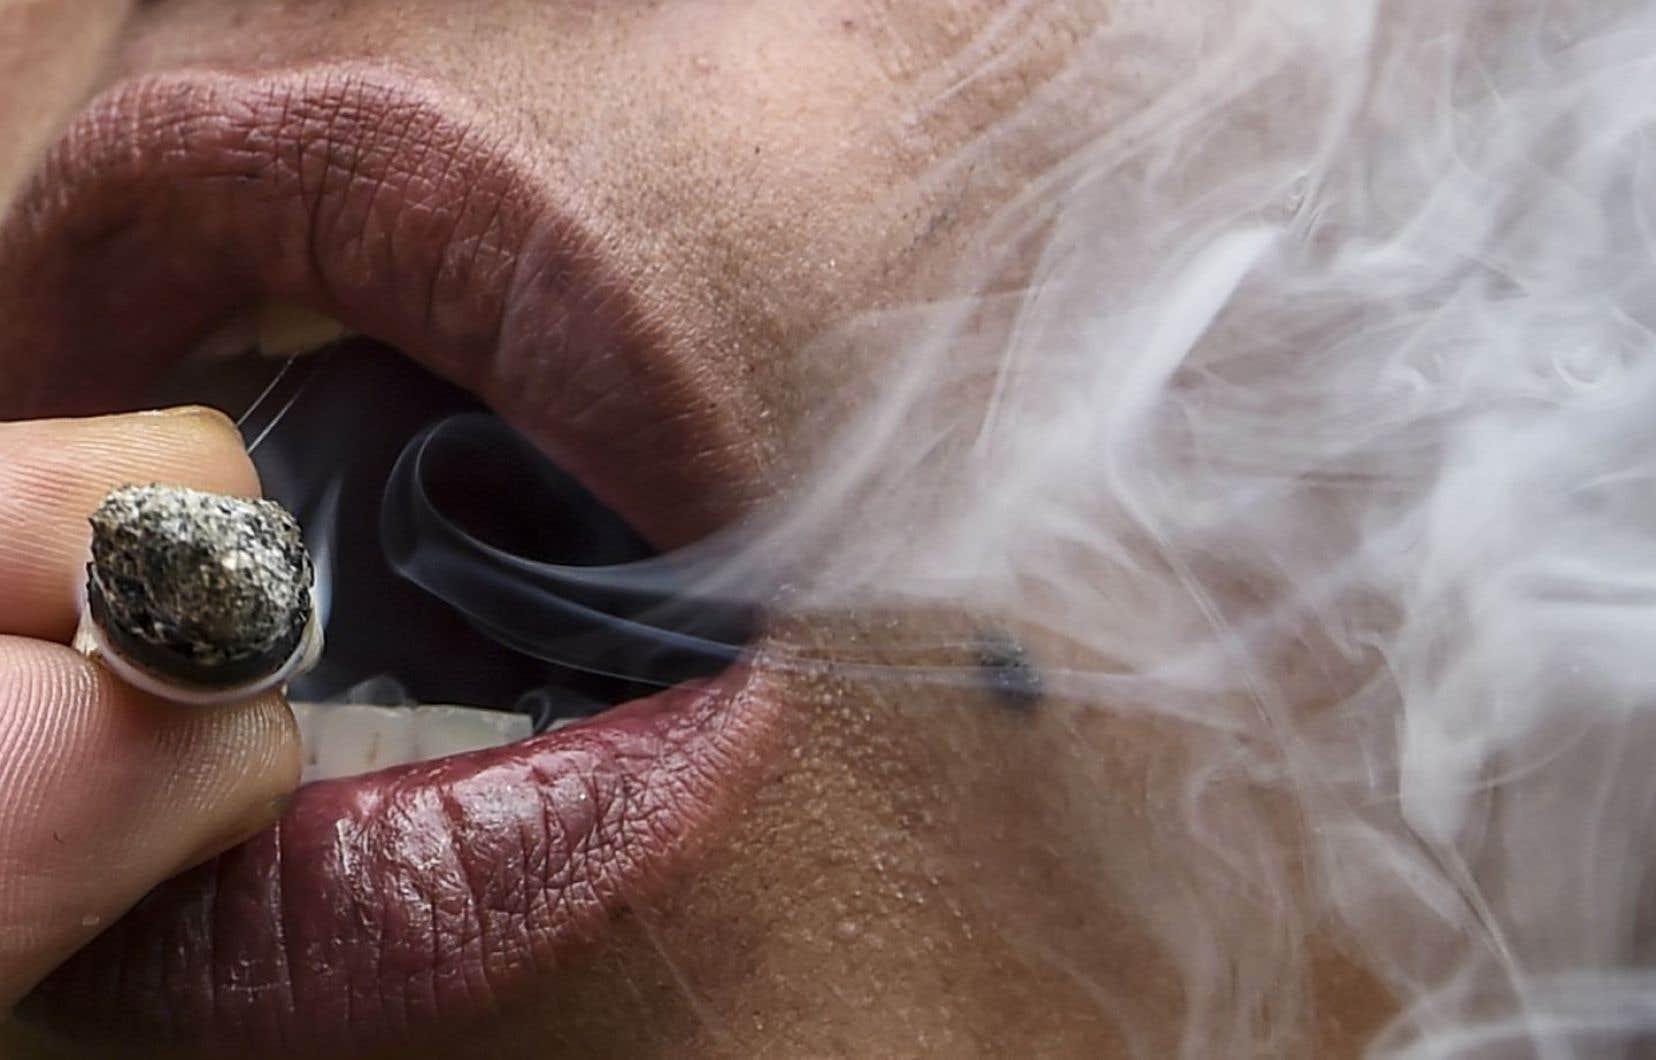 Les chercheurs ont ainsi observé que les personnes qui avaient consommé uniquement de la marijuana — pendant en moyenne 11,5 années — couraient un risque 3,42 fois plus élevé de mourir d'hypertension que celles n'ayant jamais fumé de cannabis.